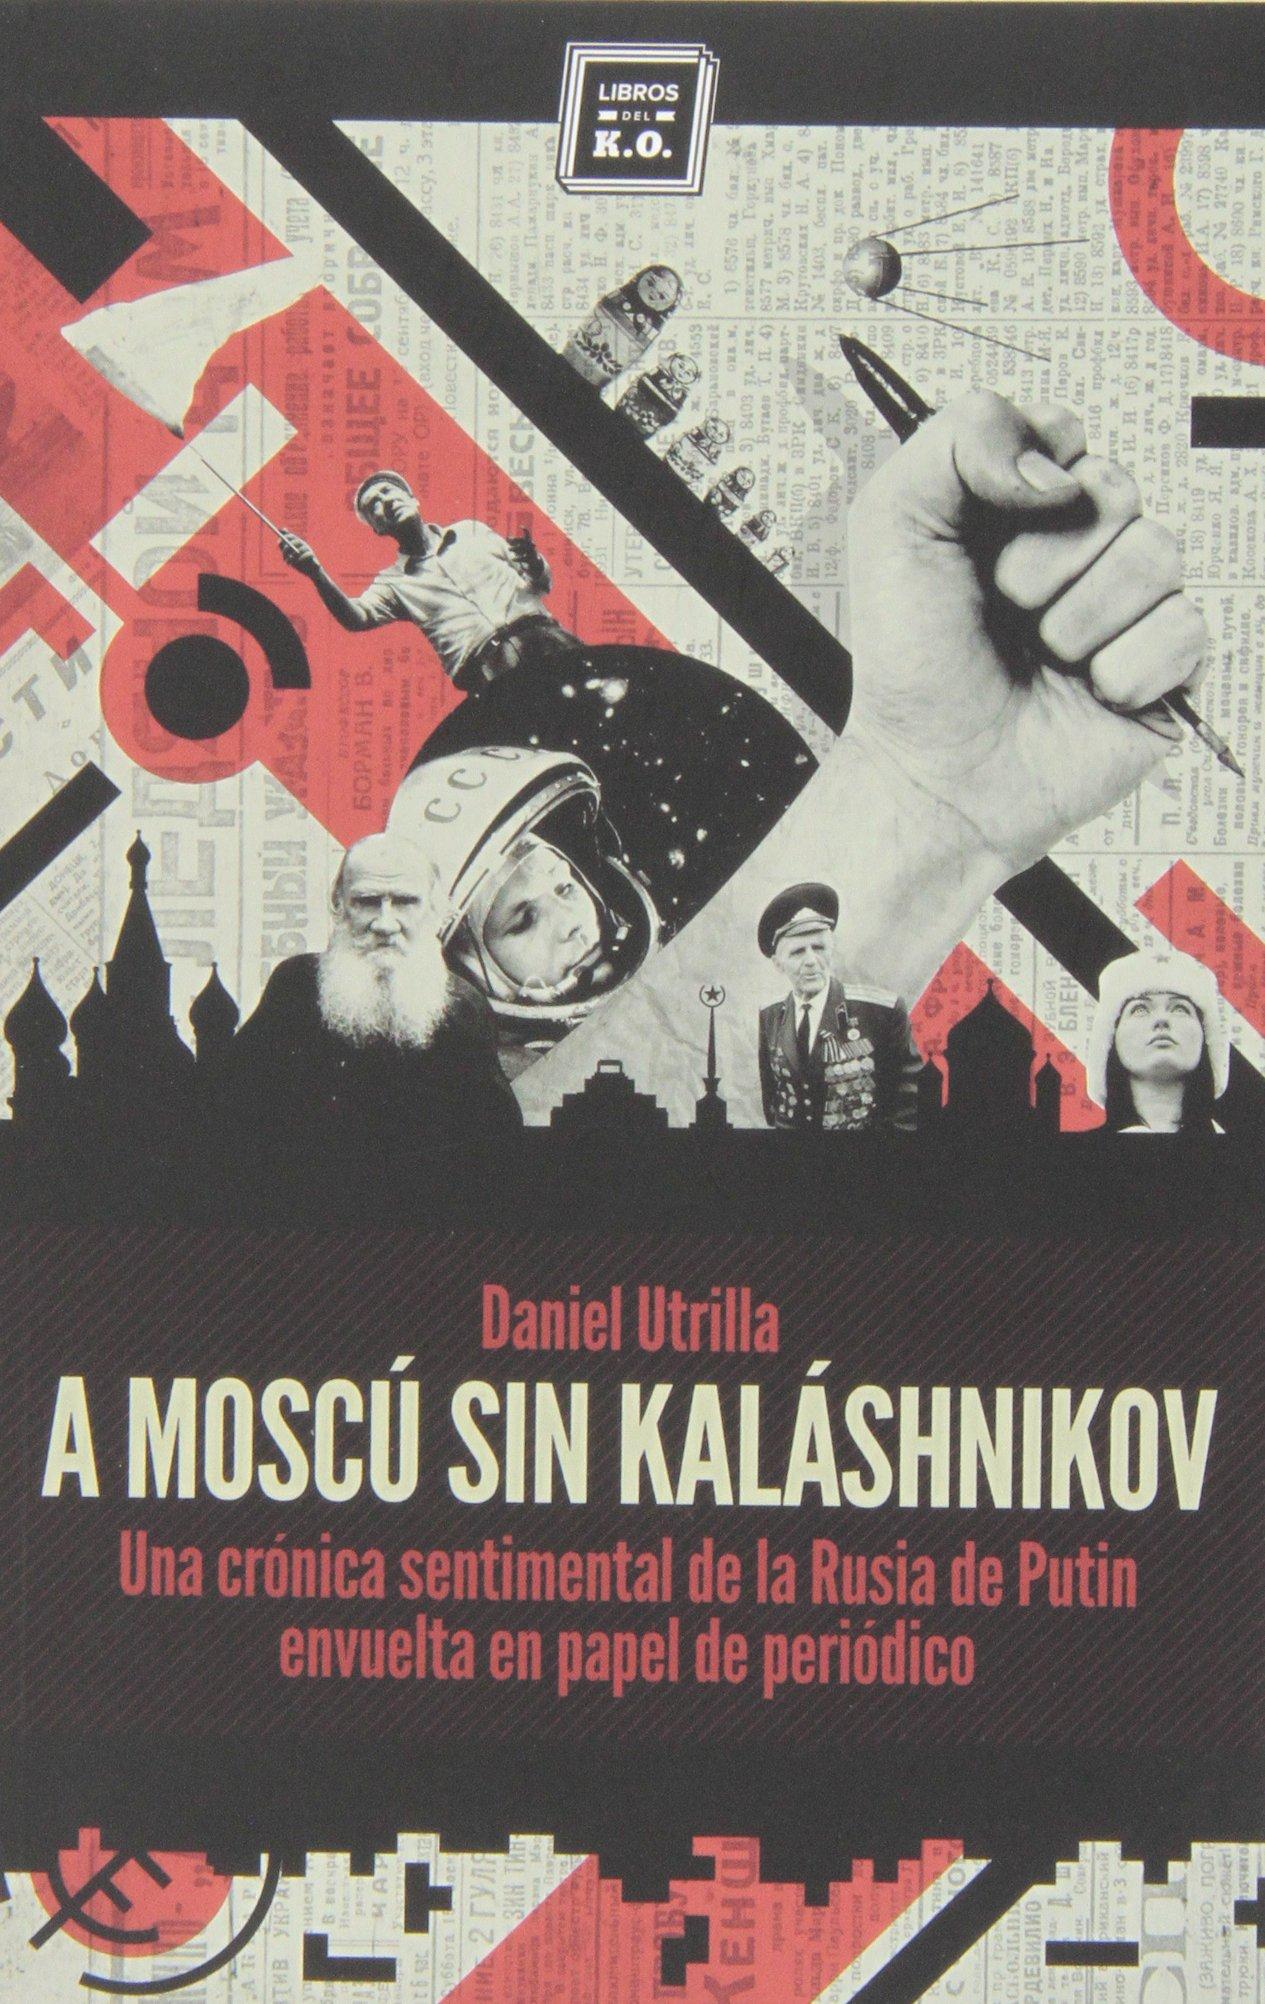 A Moscú sin Kalashnikov: Una crónica sentimental de la Rusia de Putin envuelta en papel de periódico: Memoria sentimental de la Rusia de Putin envuelta en papel d VARIOS: Amazon.es: Utrilla, Daniel: